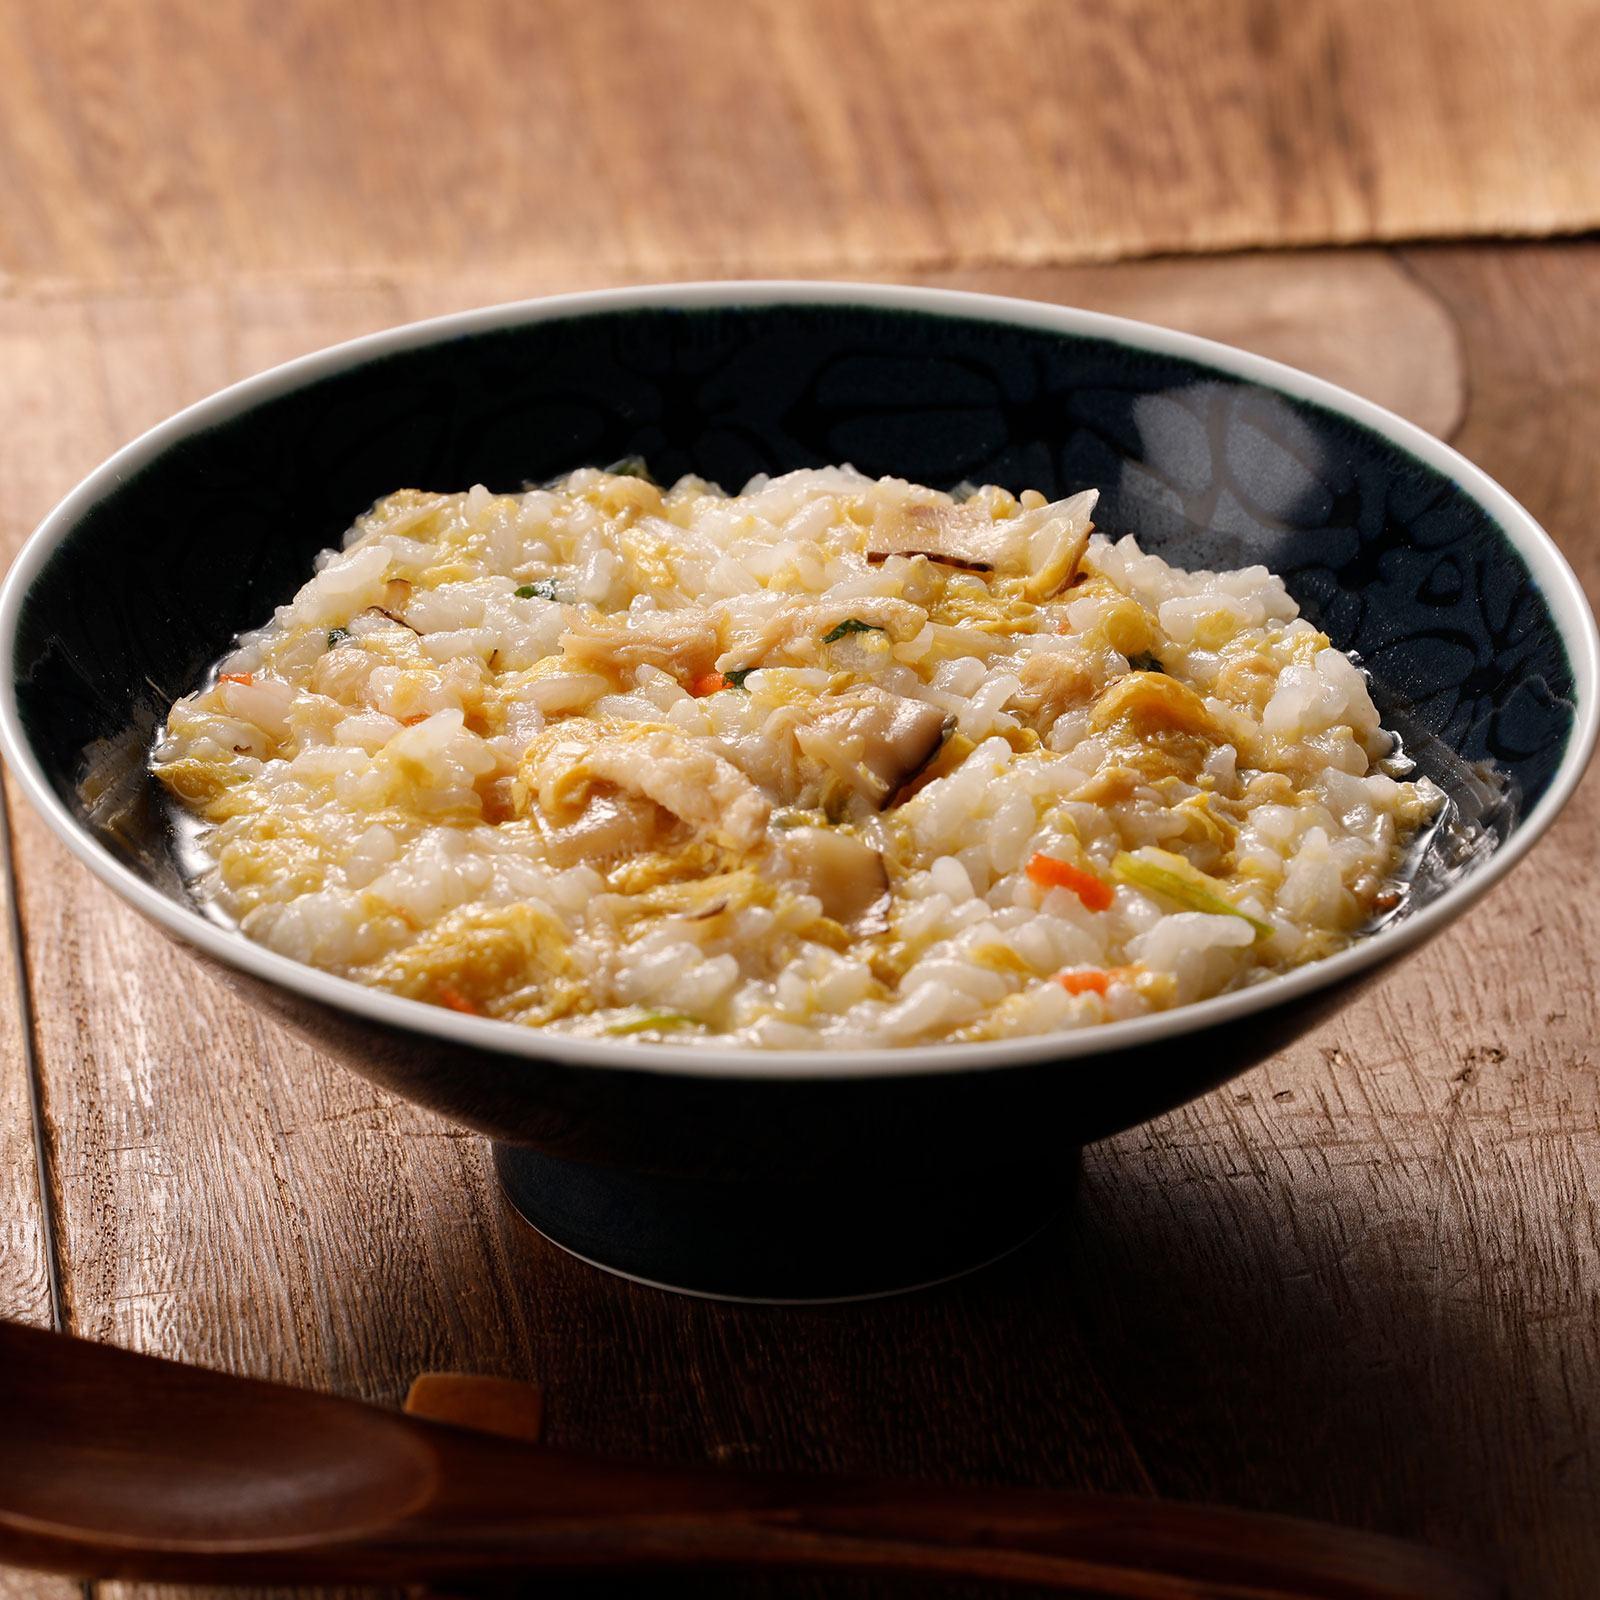 ふわふわの天美卵に、旨味が染み出す庭先鶏、そして国産野菜をたっぷりと味わえる鶏ぞうすい